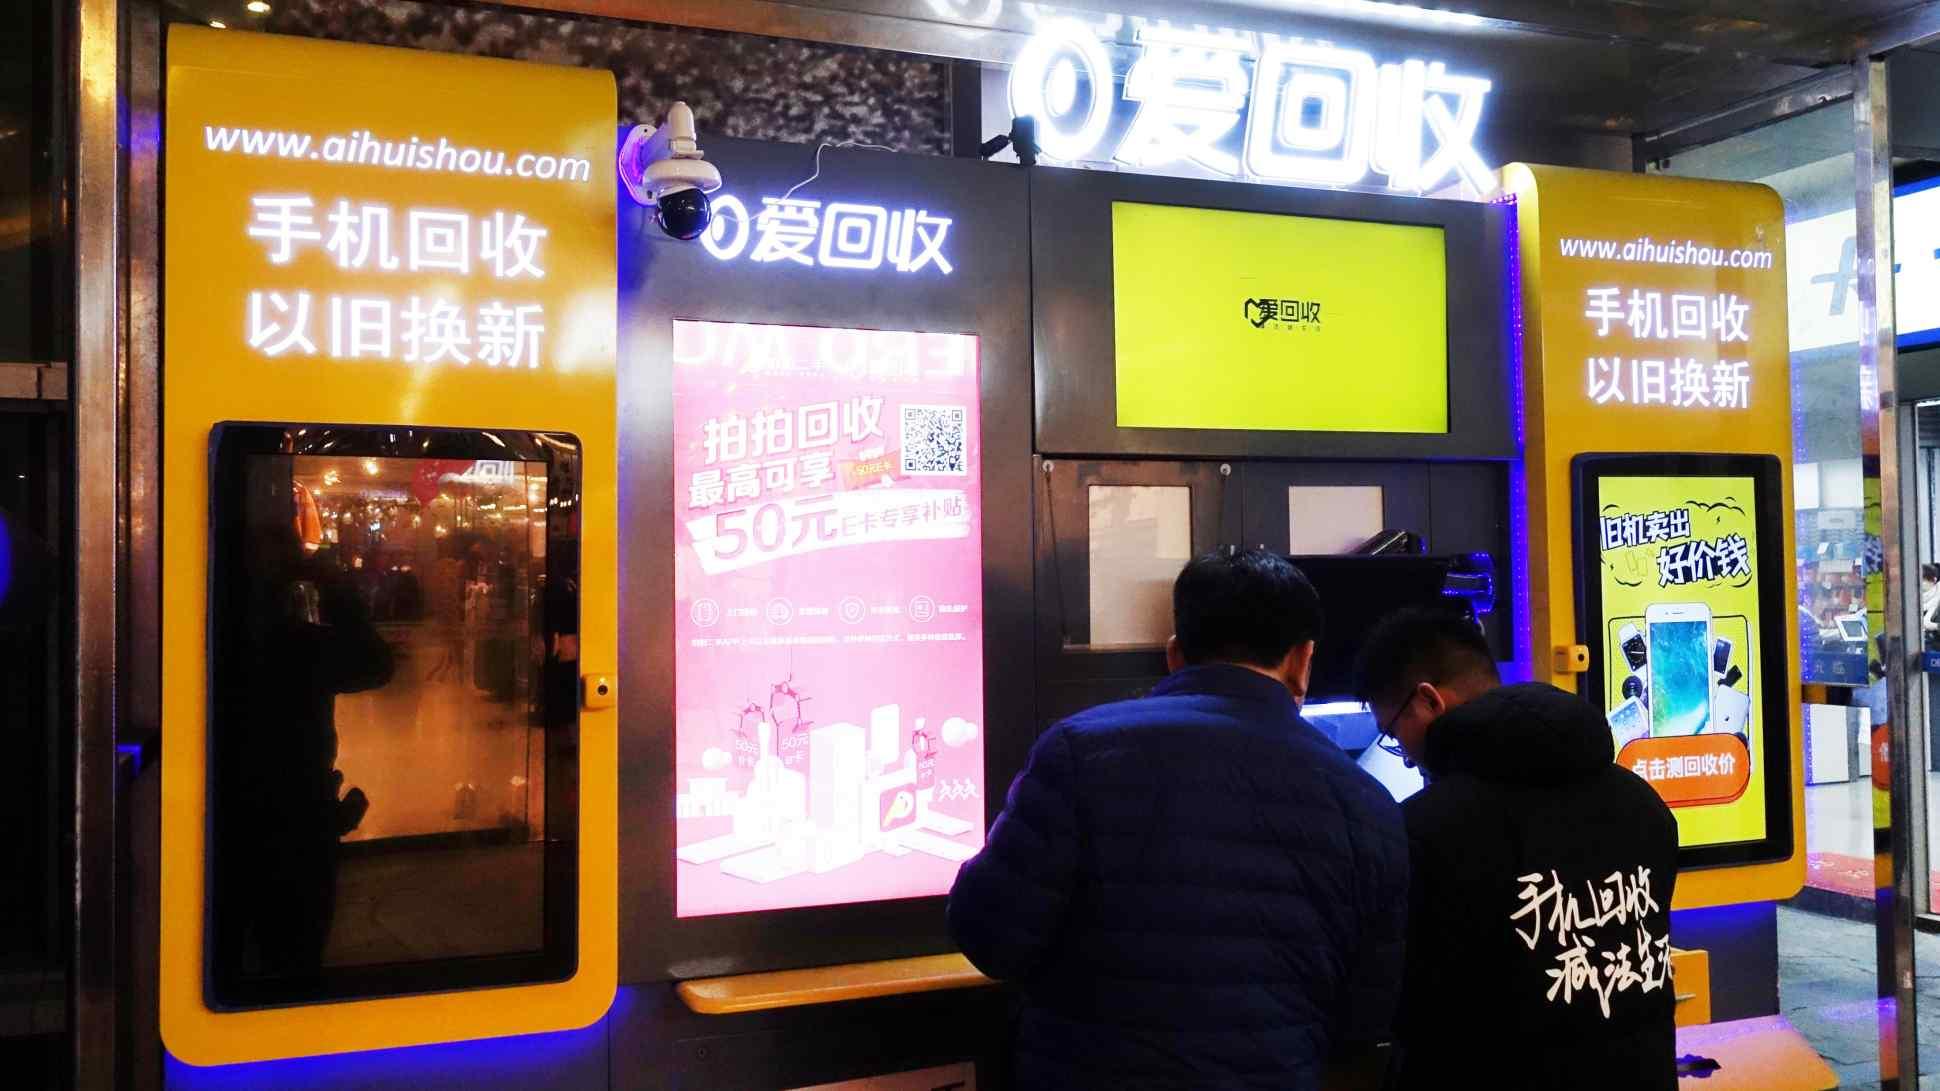 Vì sao các công ty Trung Quốc đổ xô IPO tại Mỹ bất chấp rủi ro hủy niêm yết? - Ảnh 1.